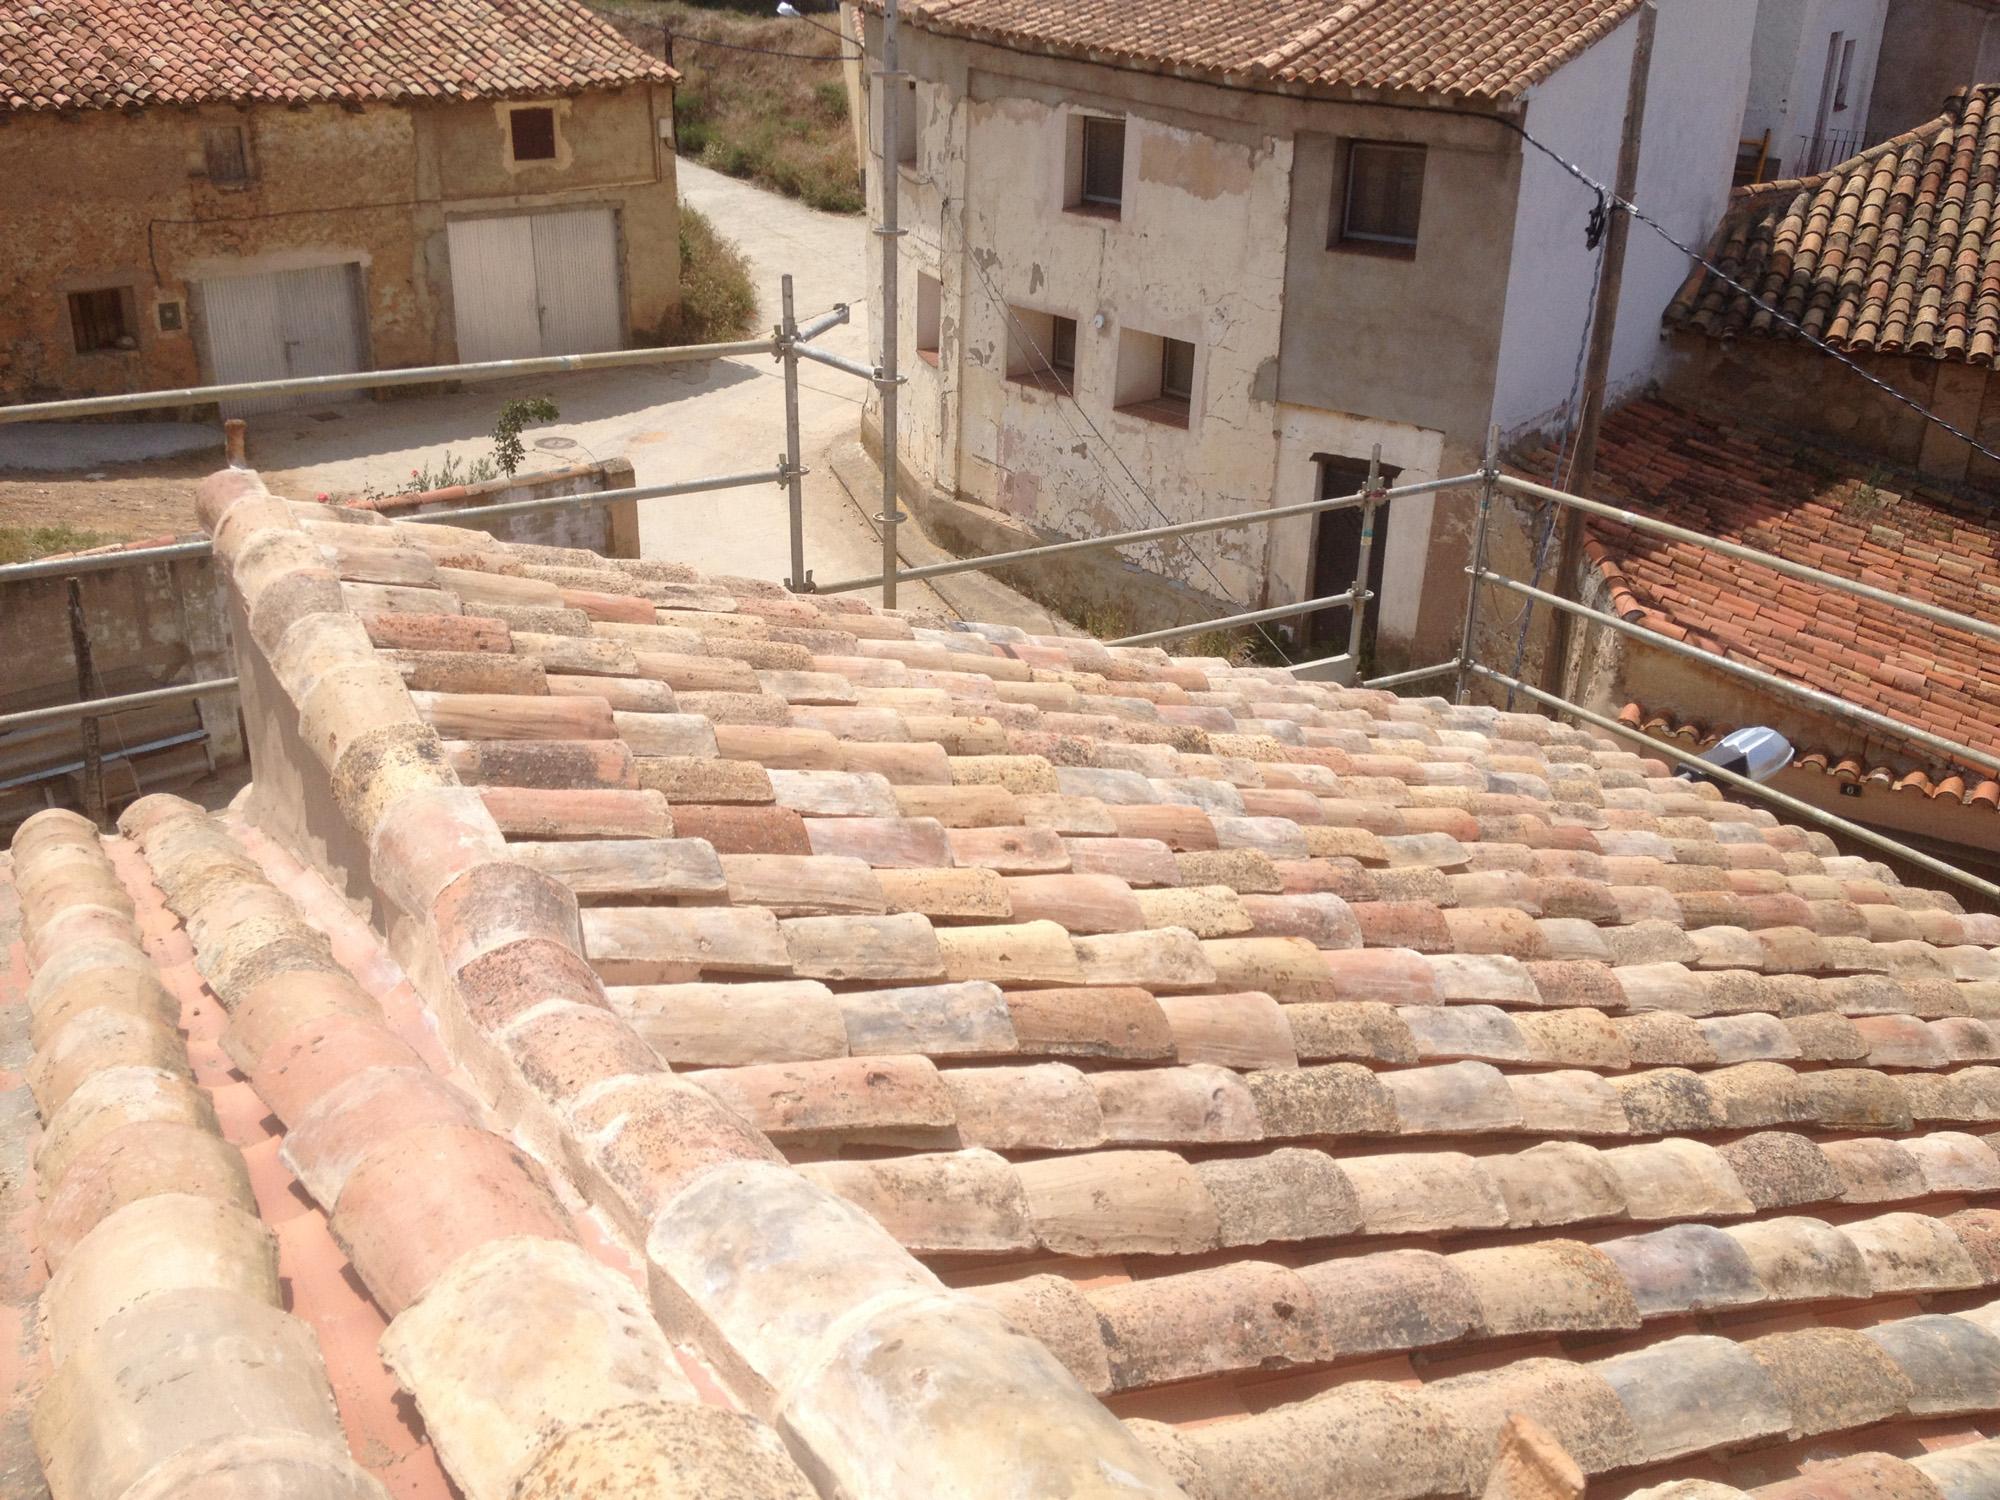 Reforma de cubierta en la aldehuela teruel santiago for Piscina cubierta lliria